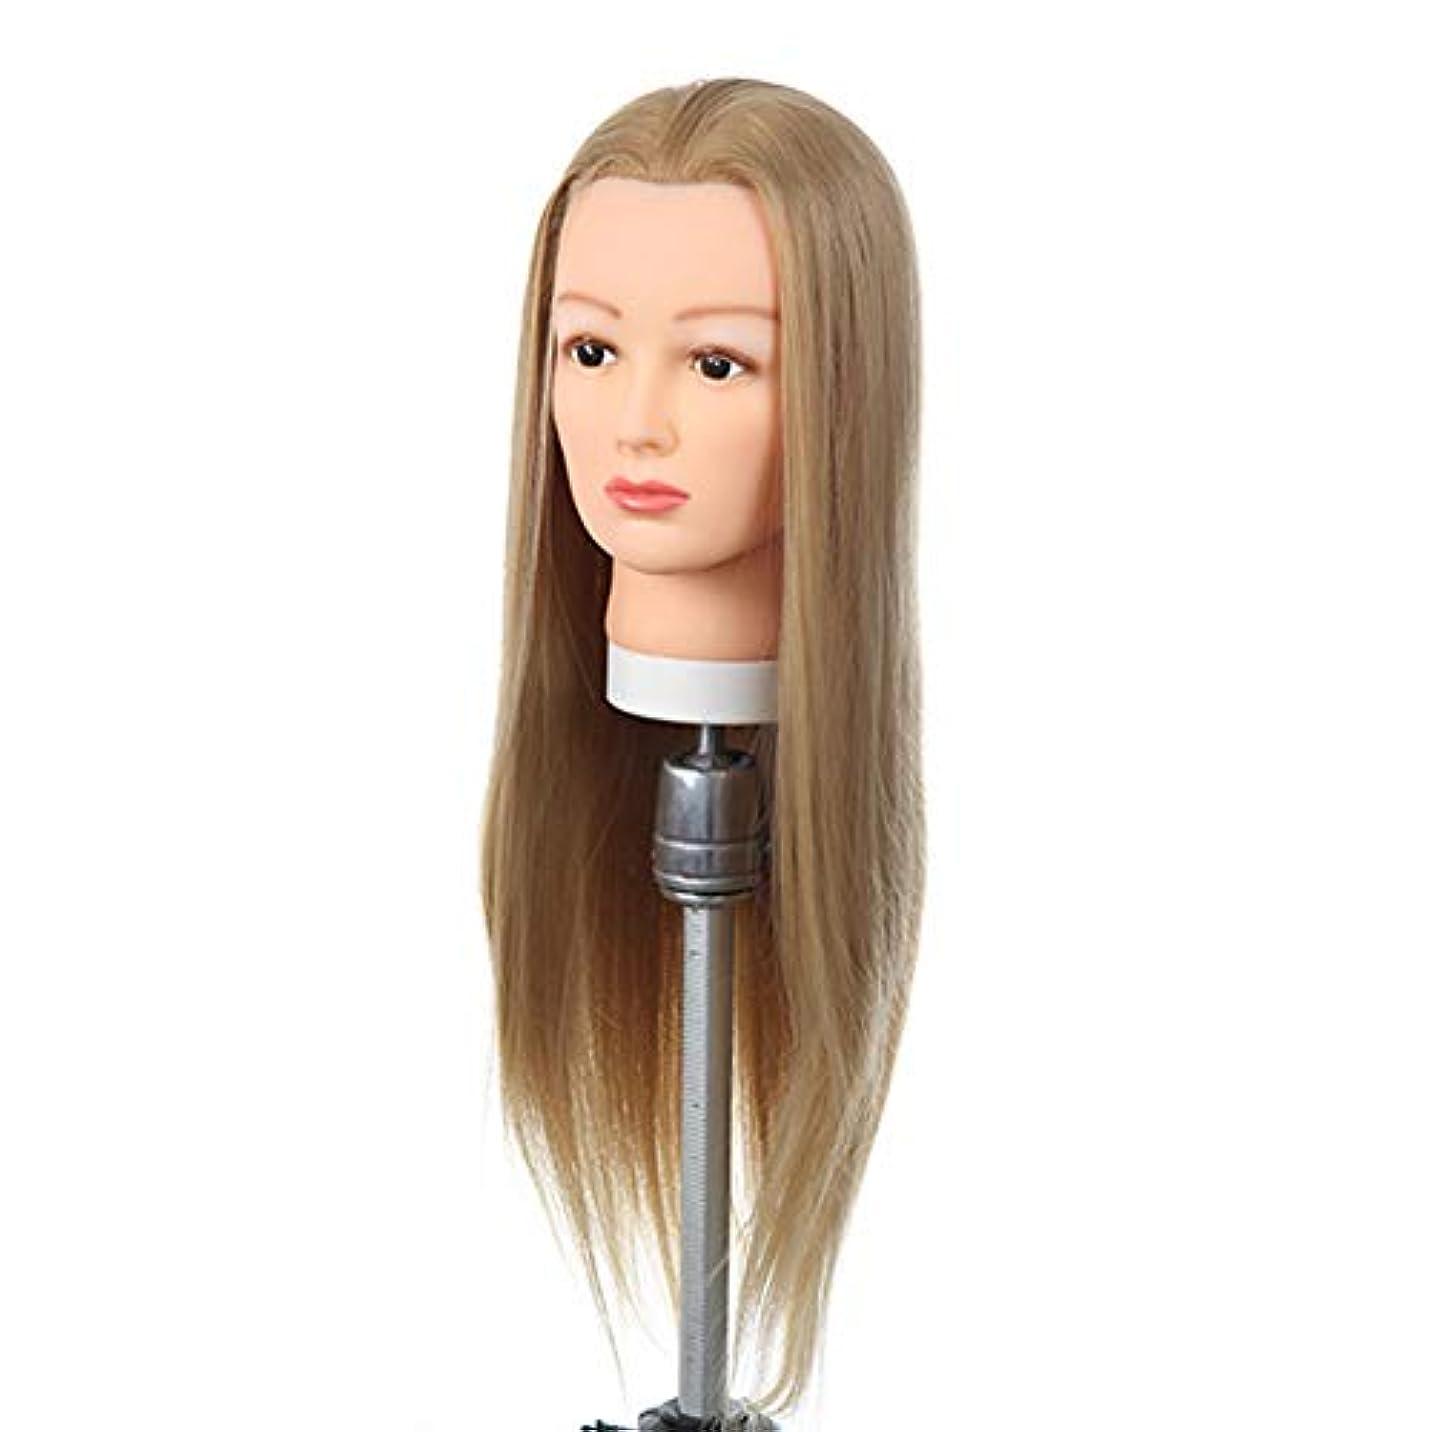 前奏曲発掘かろうじて高温シルクヘアエクササイズヘッド理髪店トリムヘアトレーニングヘッドブライダルメイクスタイリングヘアモデルダミーヘッド